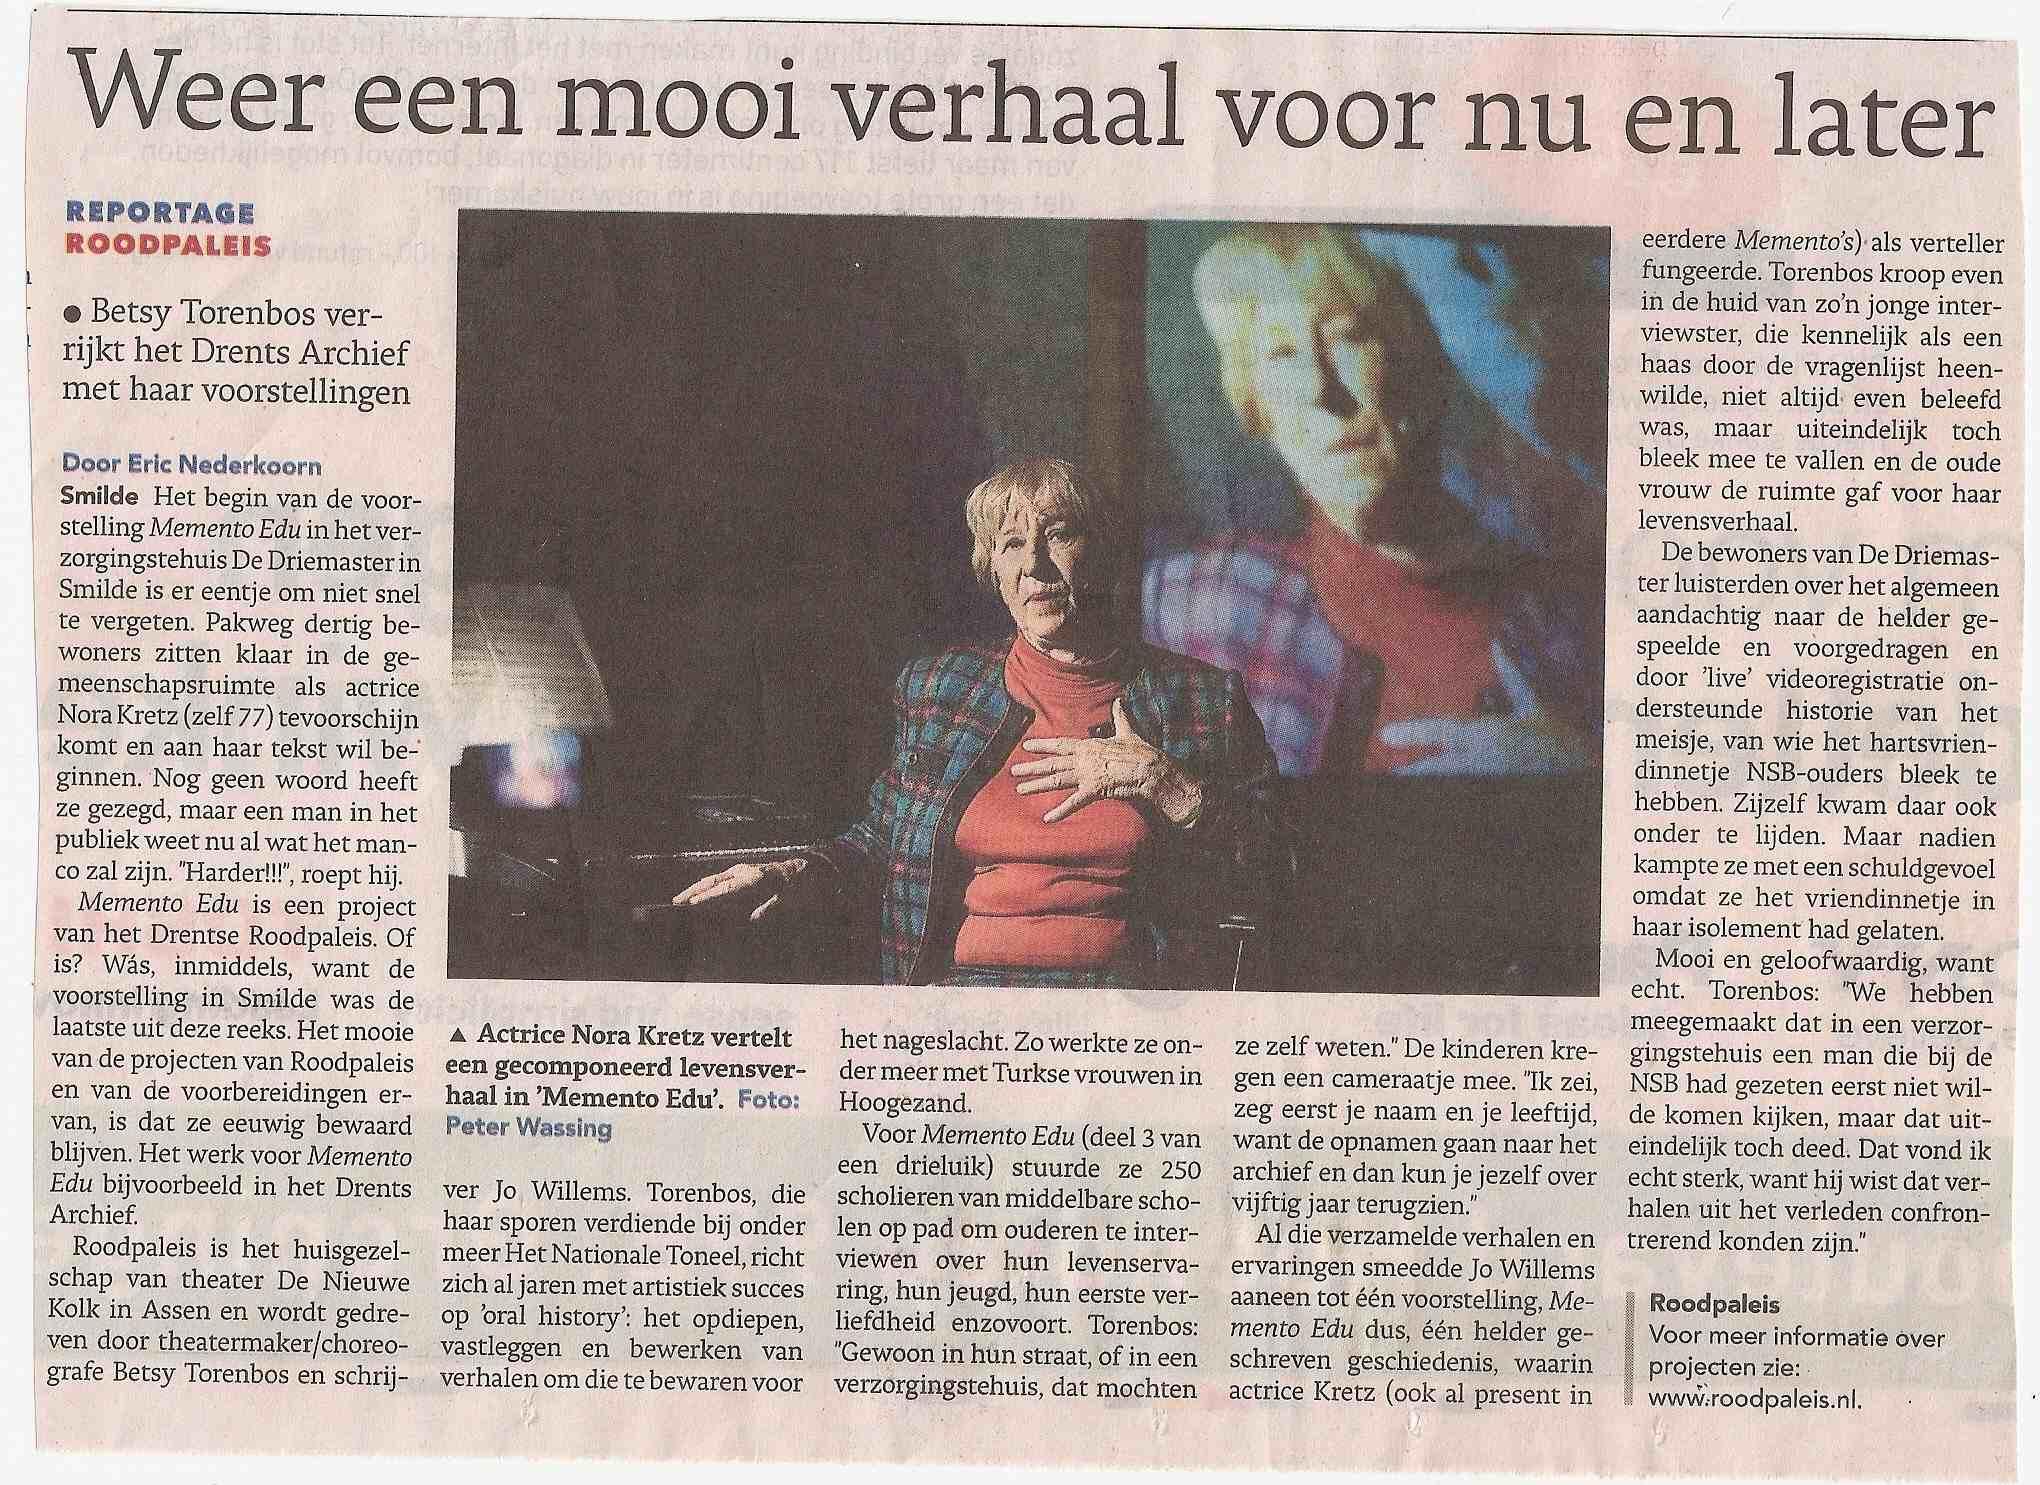 images/dagblad_memento_edukl.jpg